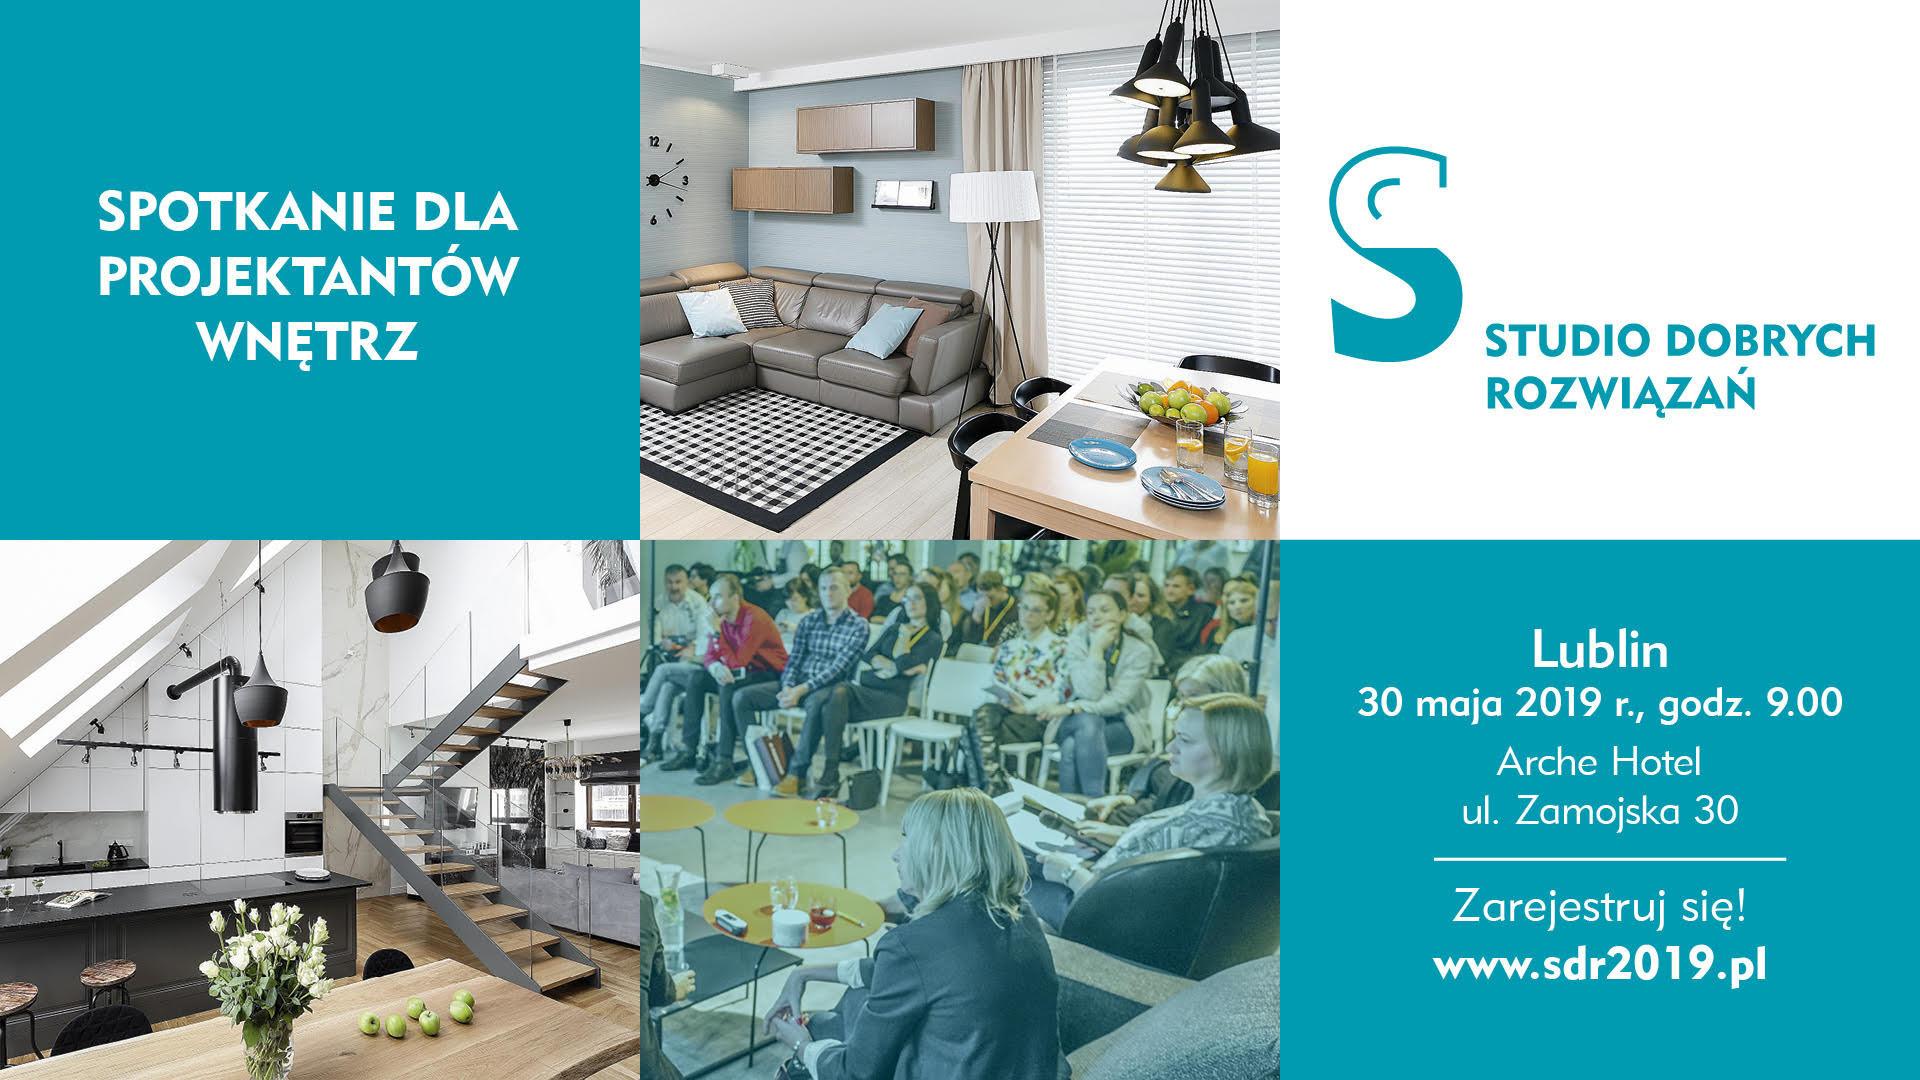 Studio Dobrych Rozwiązań w Lublinie - zapraszamy 30 maja!